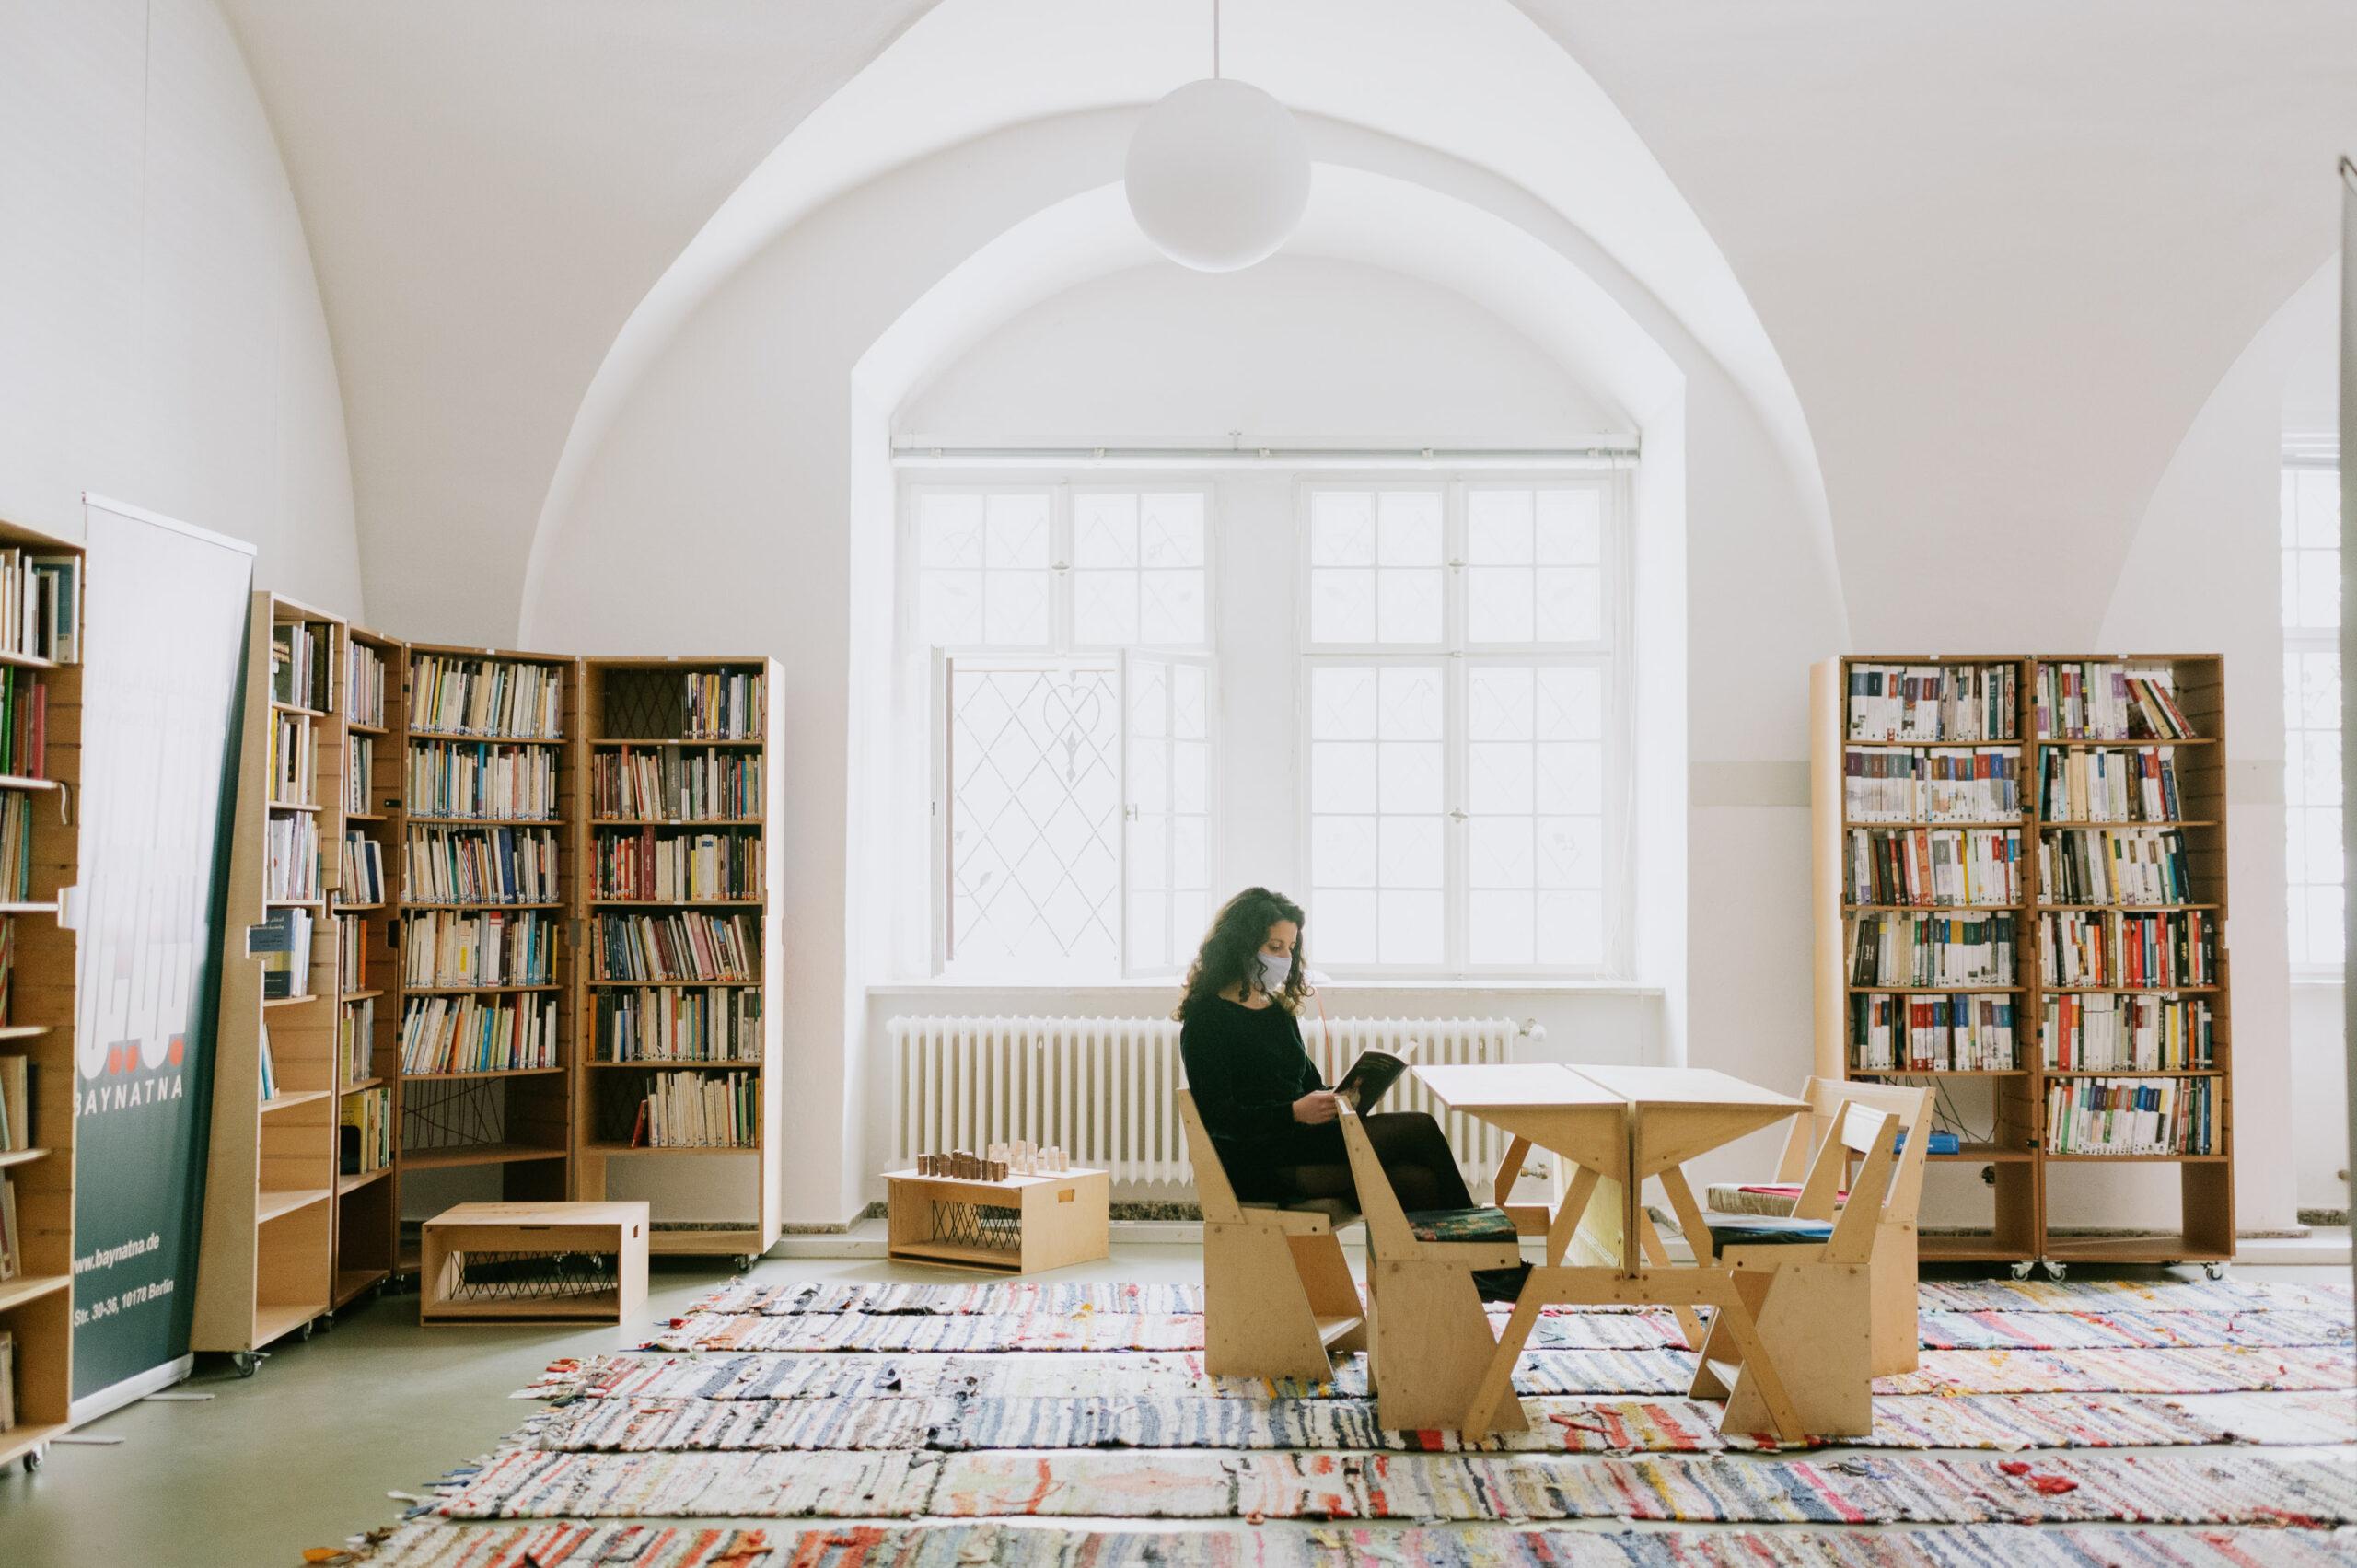 """""""Baynatna & FANN"""" schafft Räume der Begegnung, der Kommunikation und der Inspiration für Künstler, Kulturschaffende und Wissenschaftler © David Frank"""